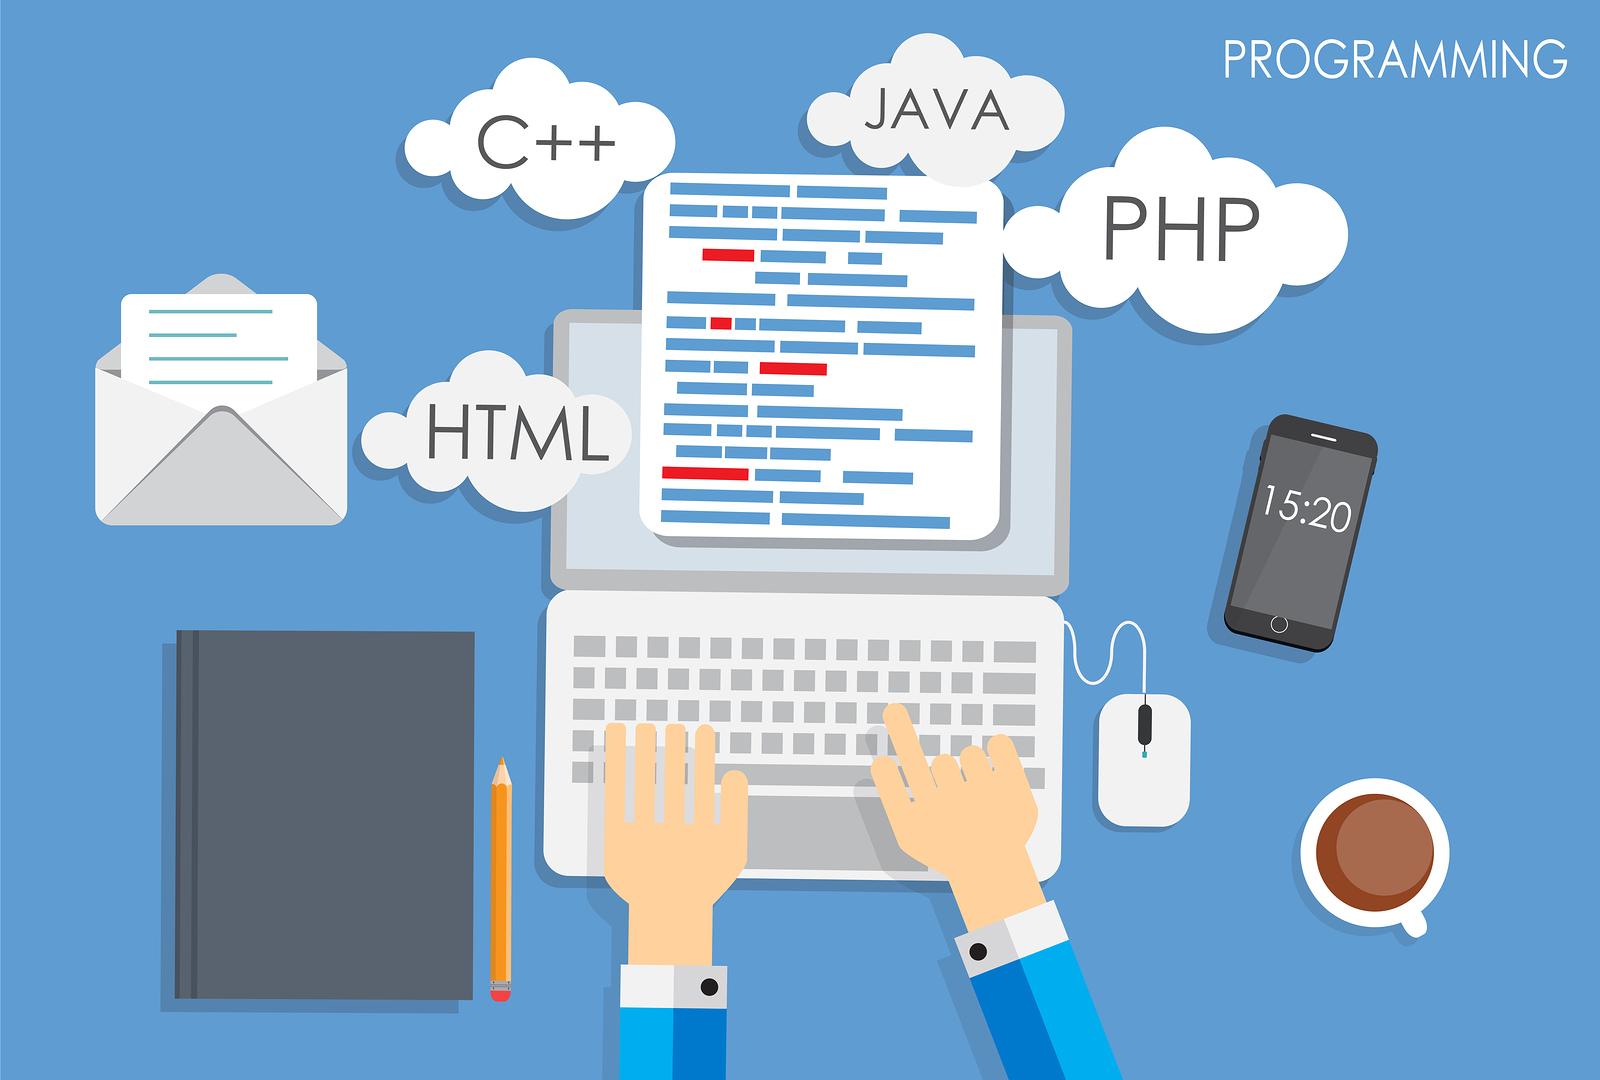 Портфолио web-программиста неруша николая: разработка сайтов